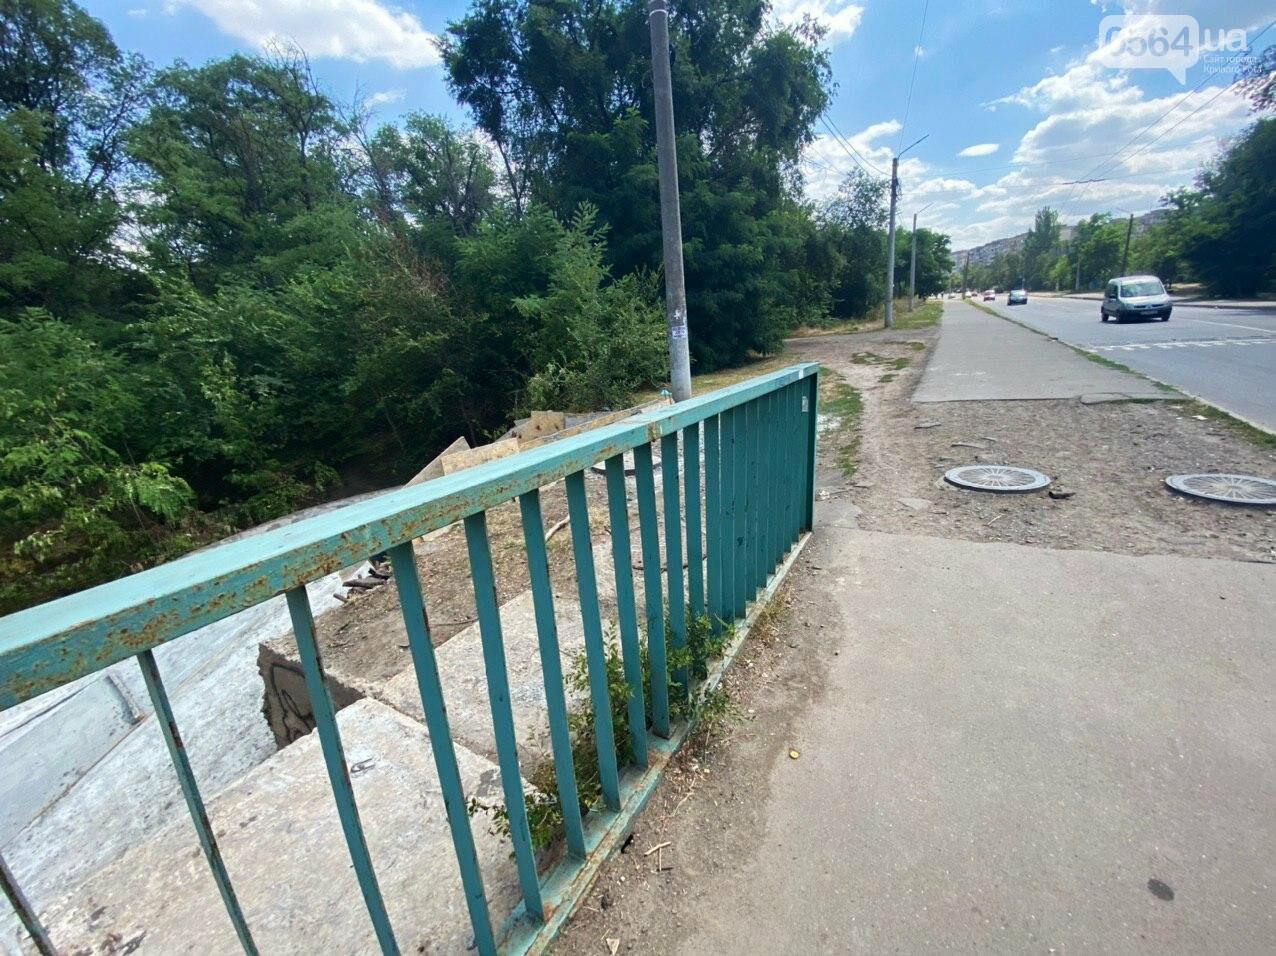 В Кривом Роге опять ремонтируют мост, где 5 лет назад произошло ЧП, - ФОТО , фото-28